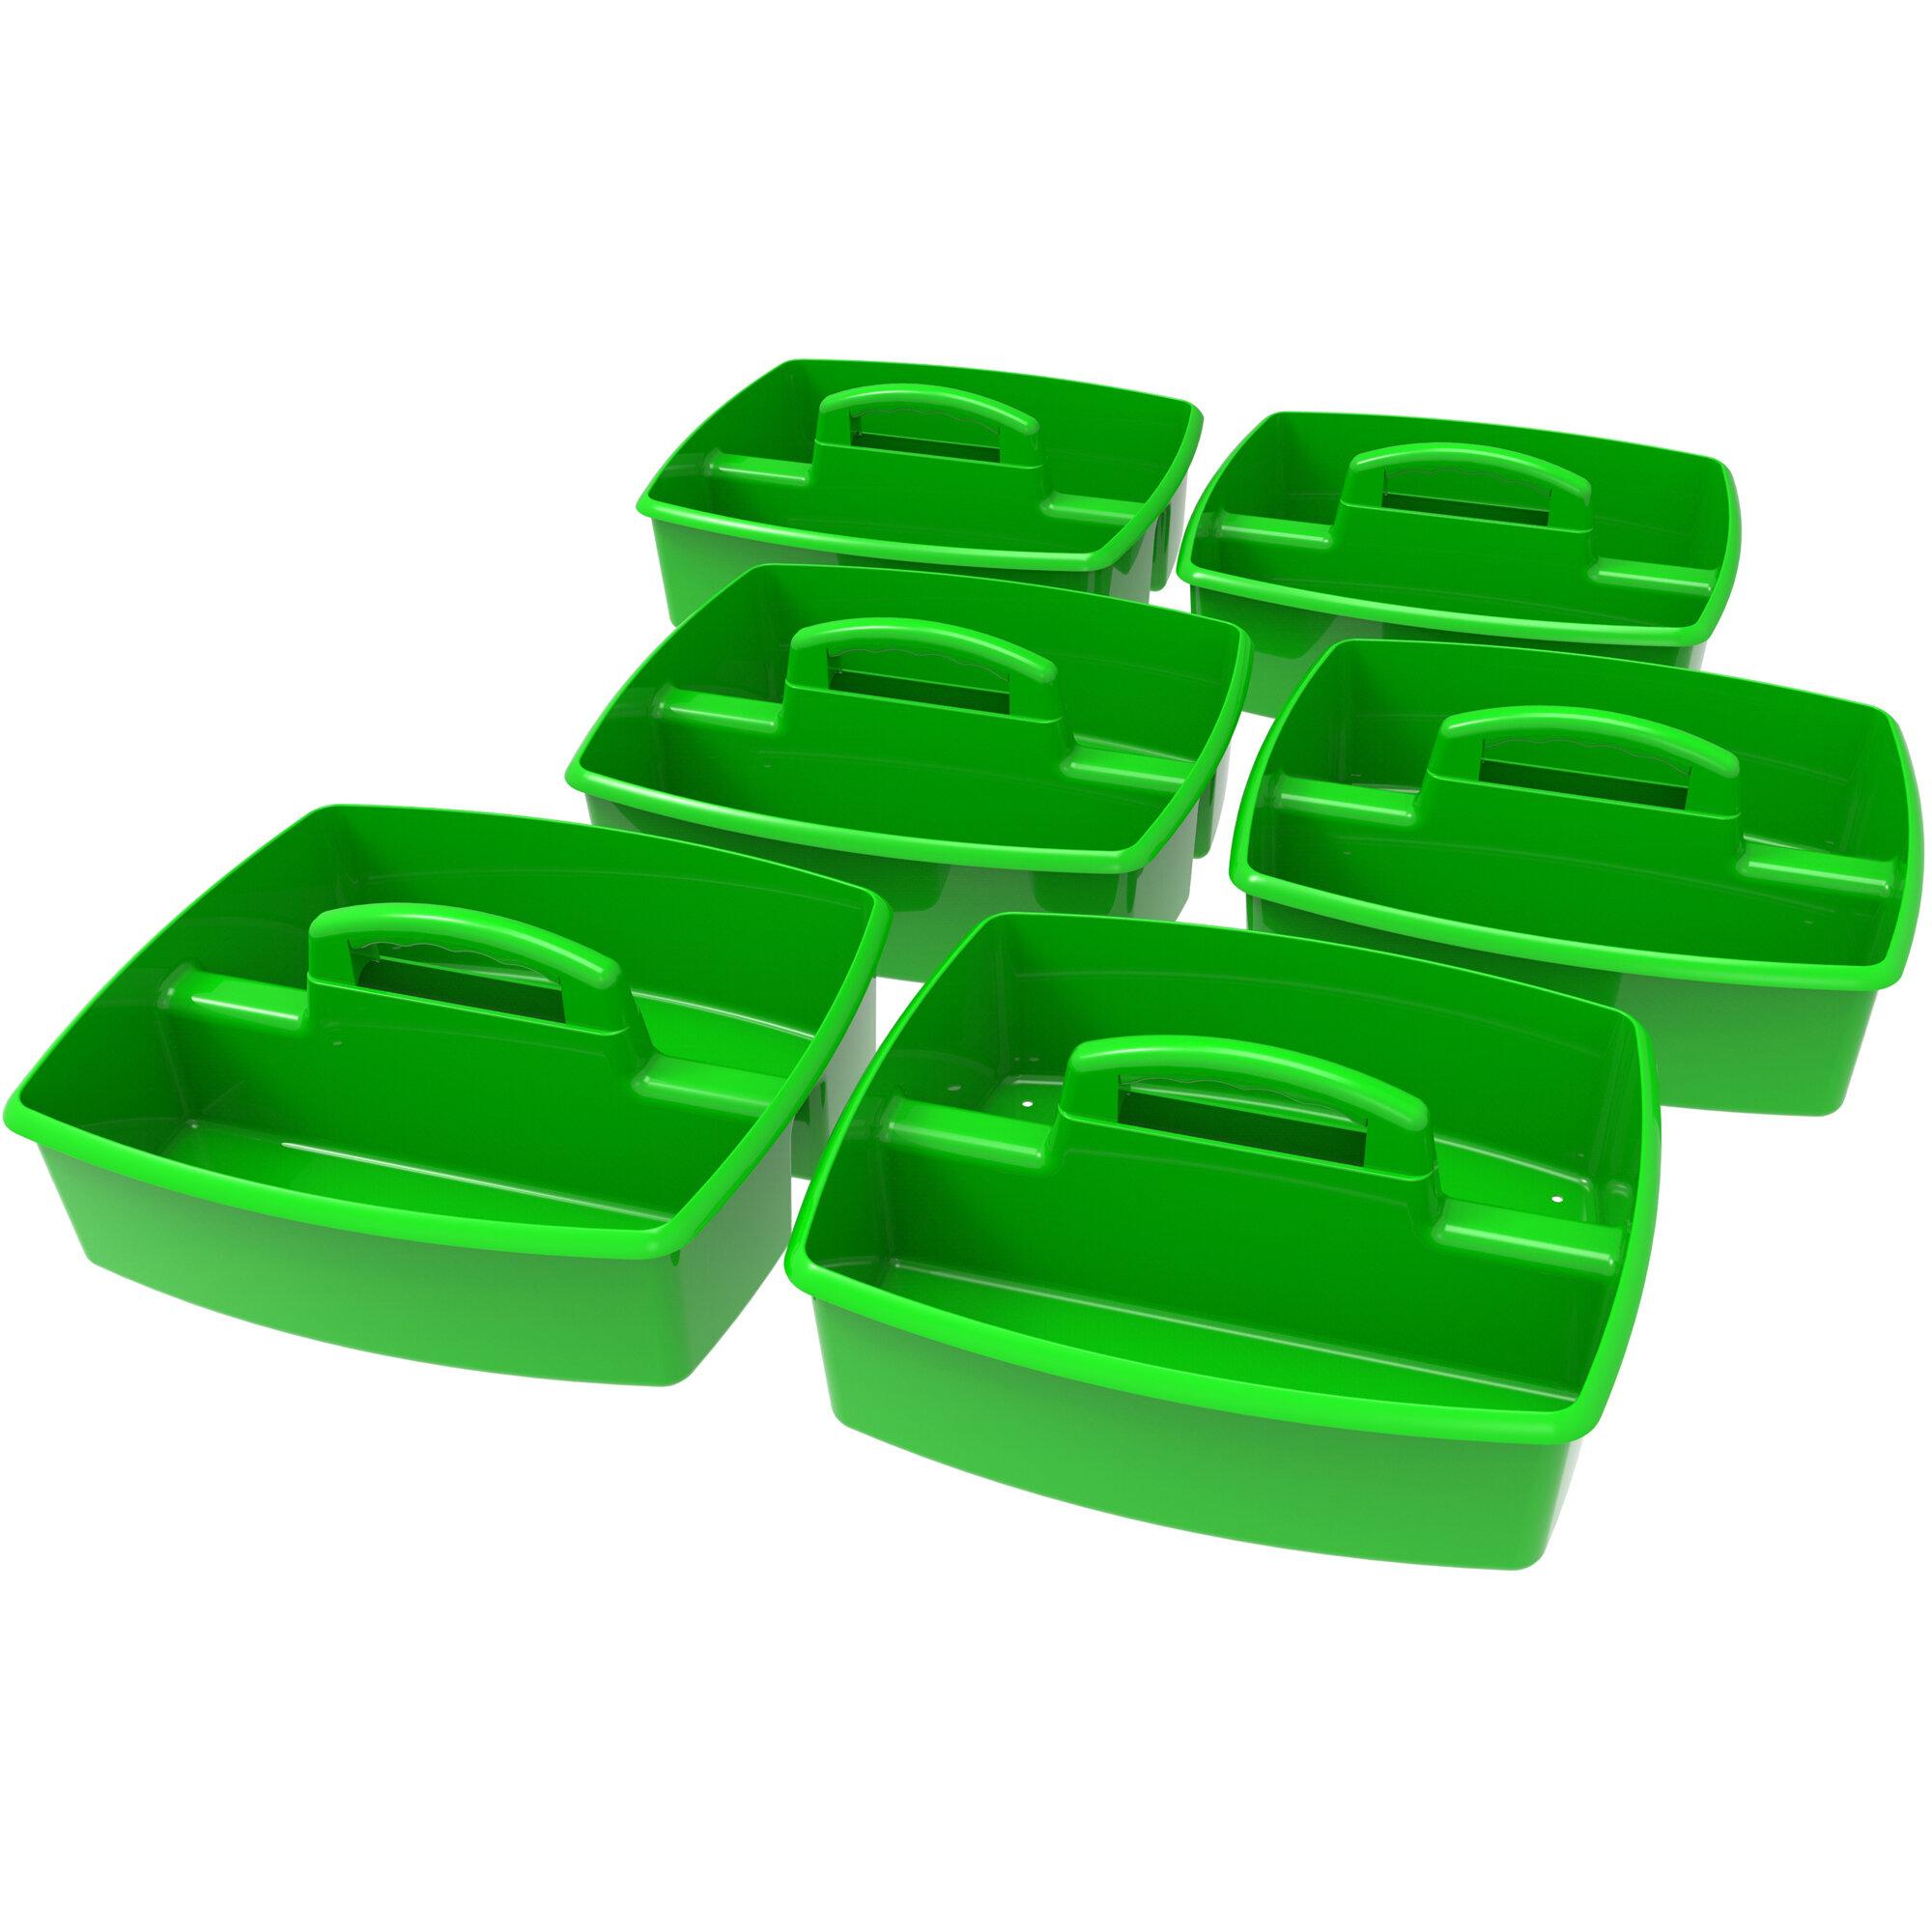 Storex 2 Compartment Cubby Bin Reviews Wayfair